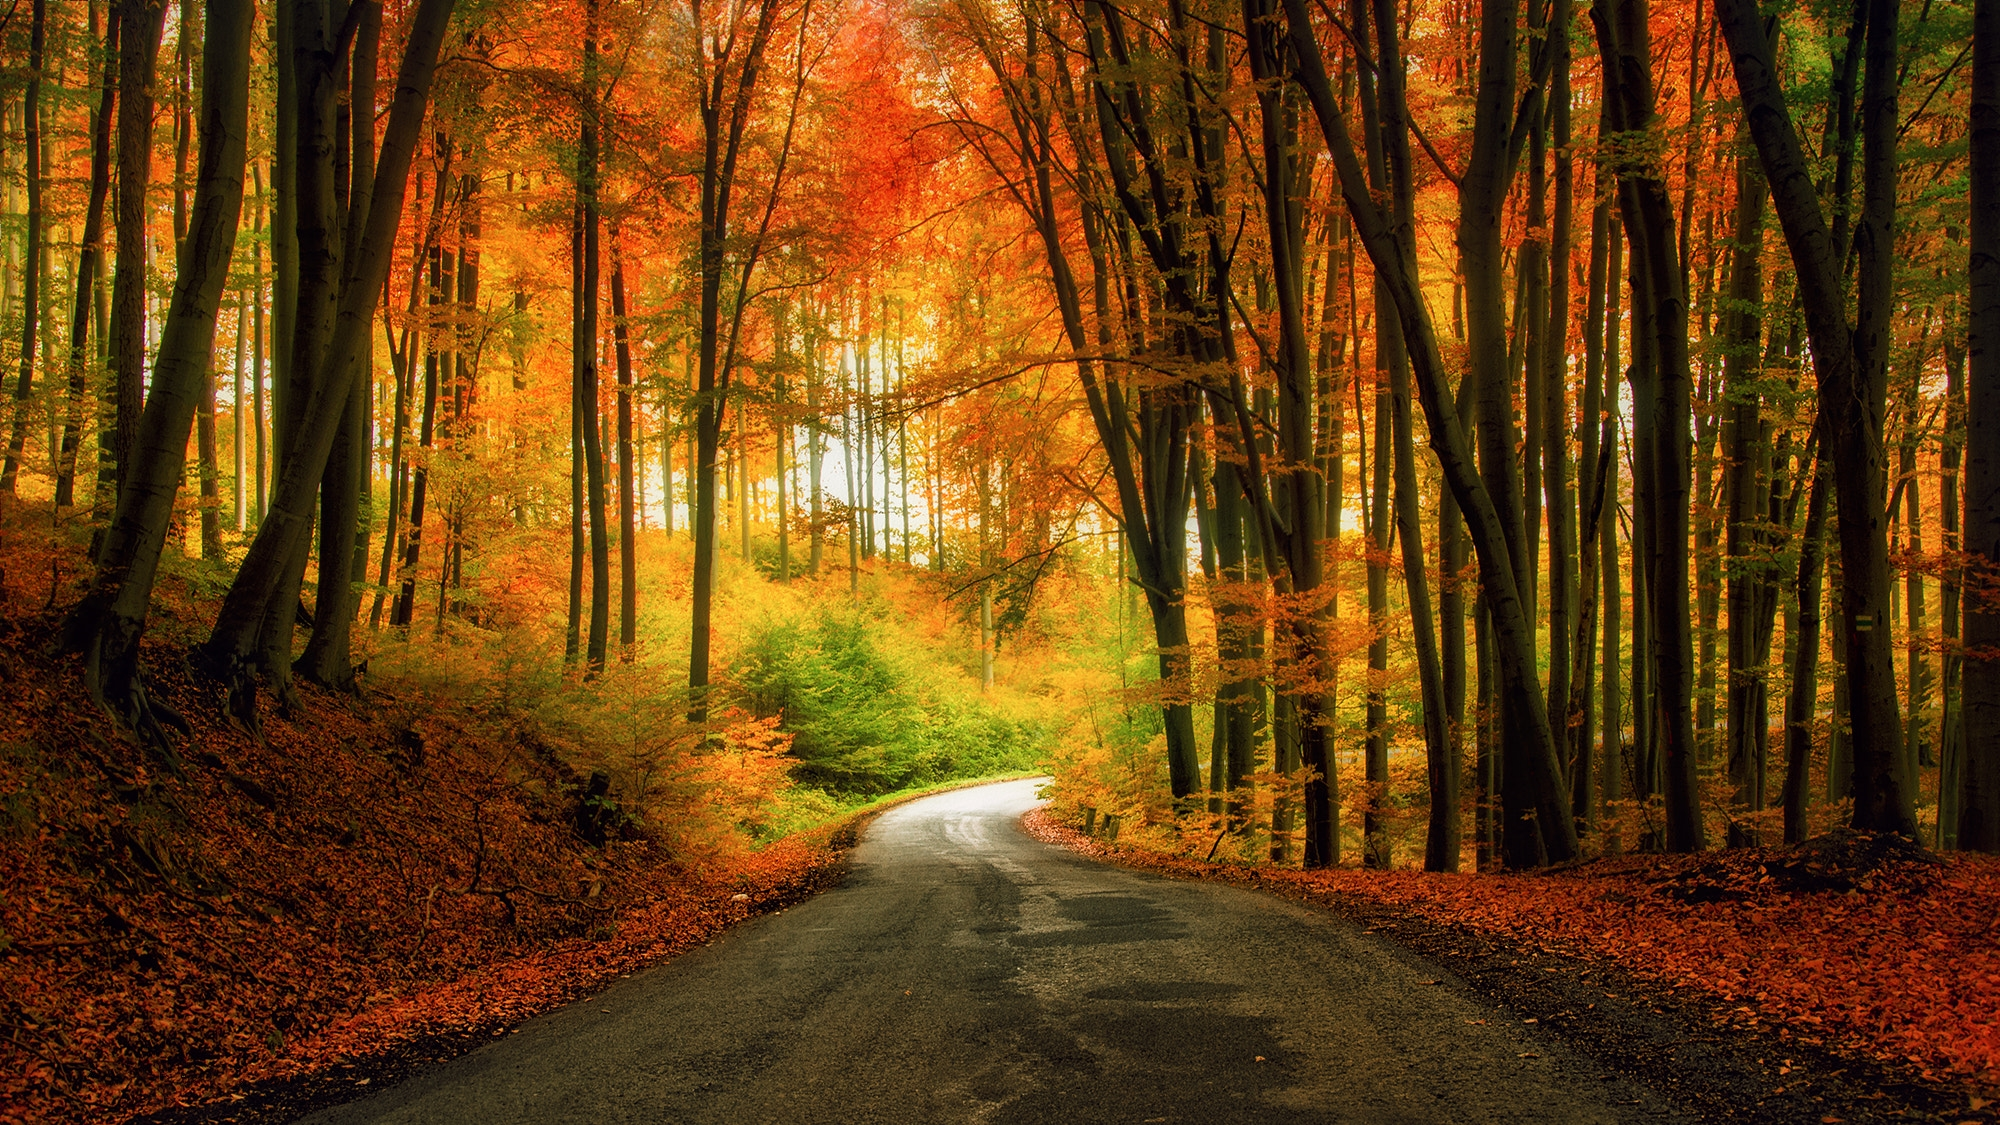 Скачать картинку лес, осень для рабочего стола бесплатно